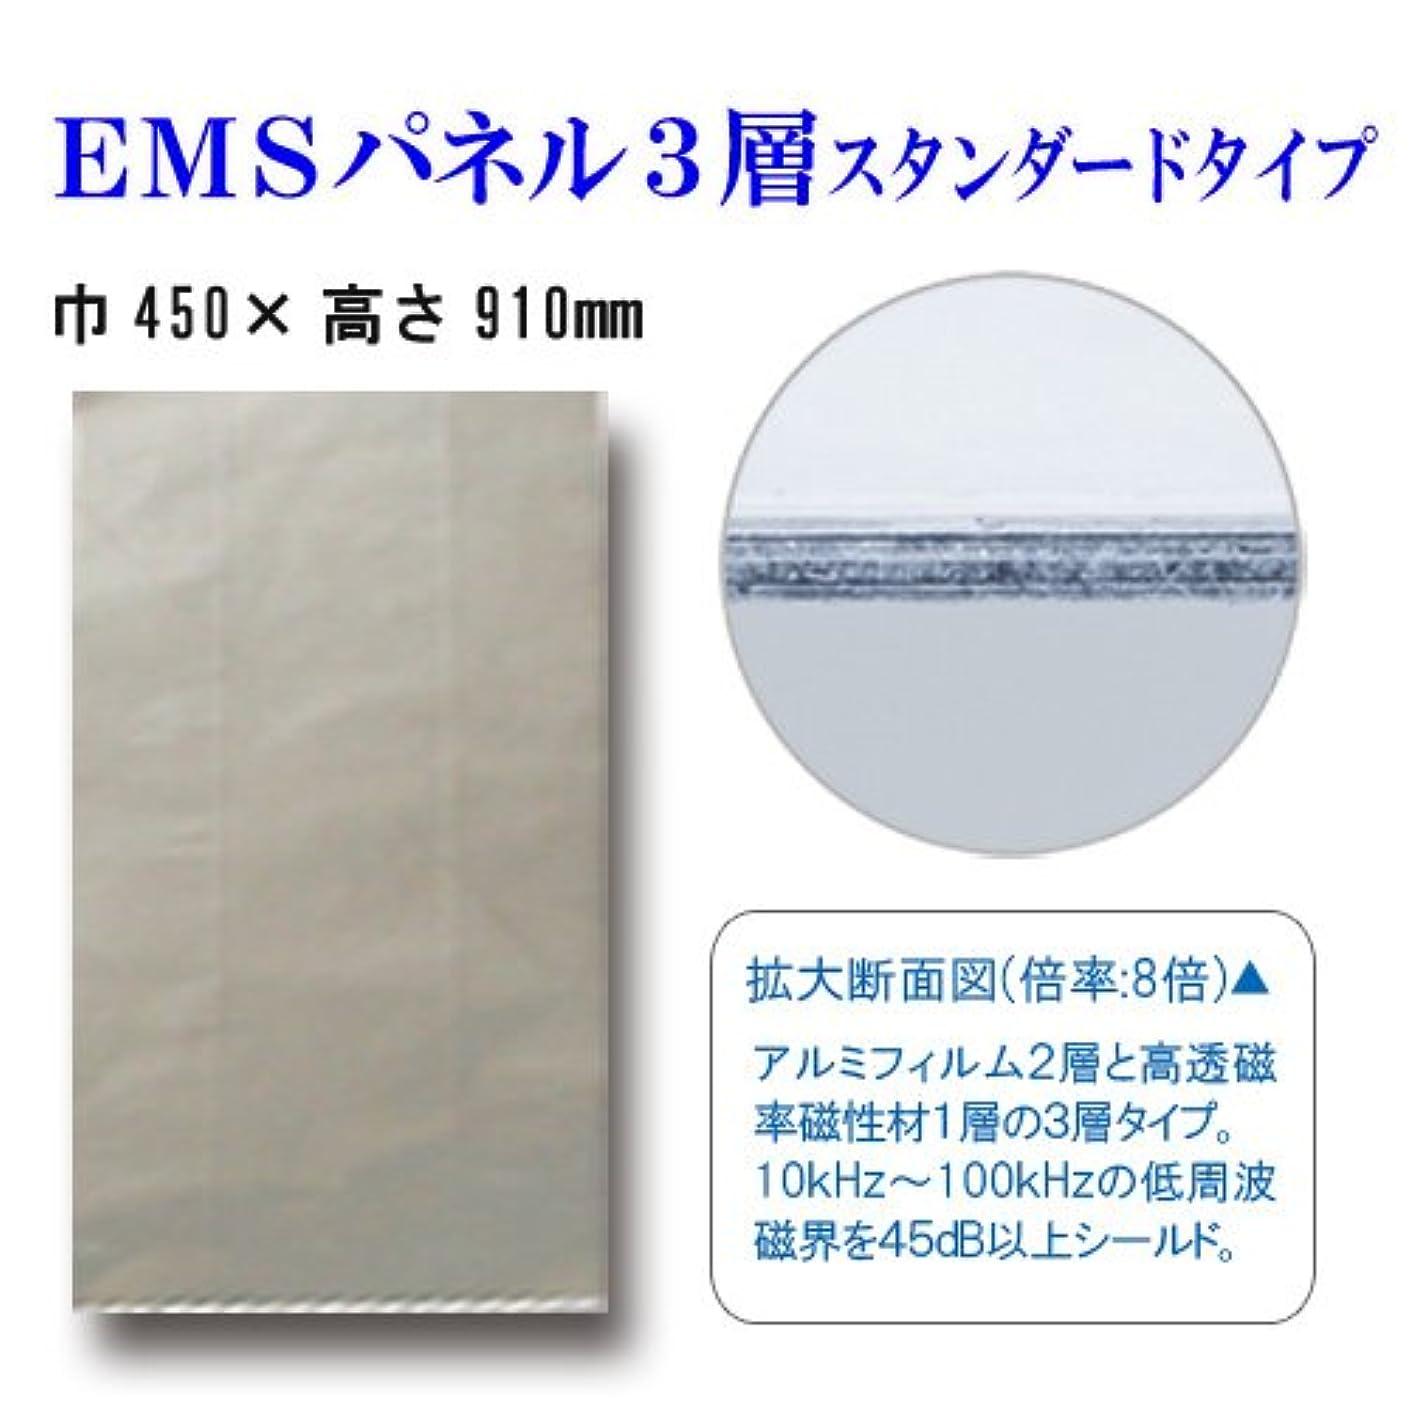 集計つなぐ未払いEMSパネル3層-標準タイプ(低周波磁界対策)450×910mm